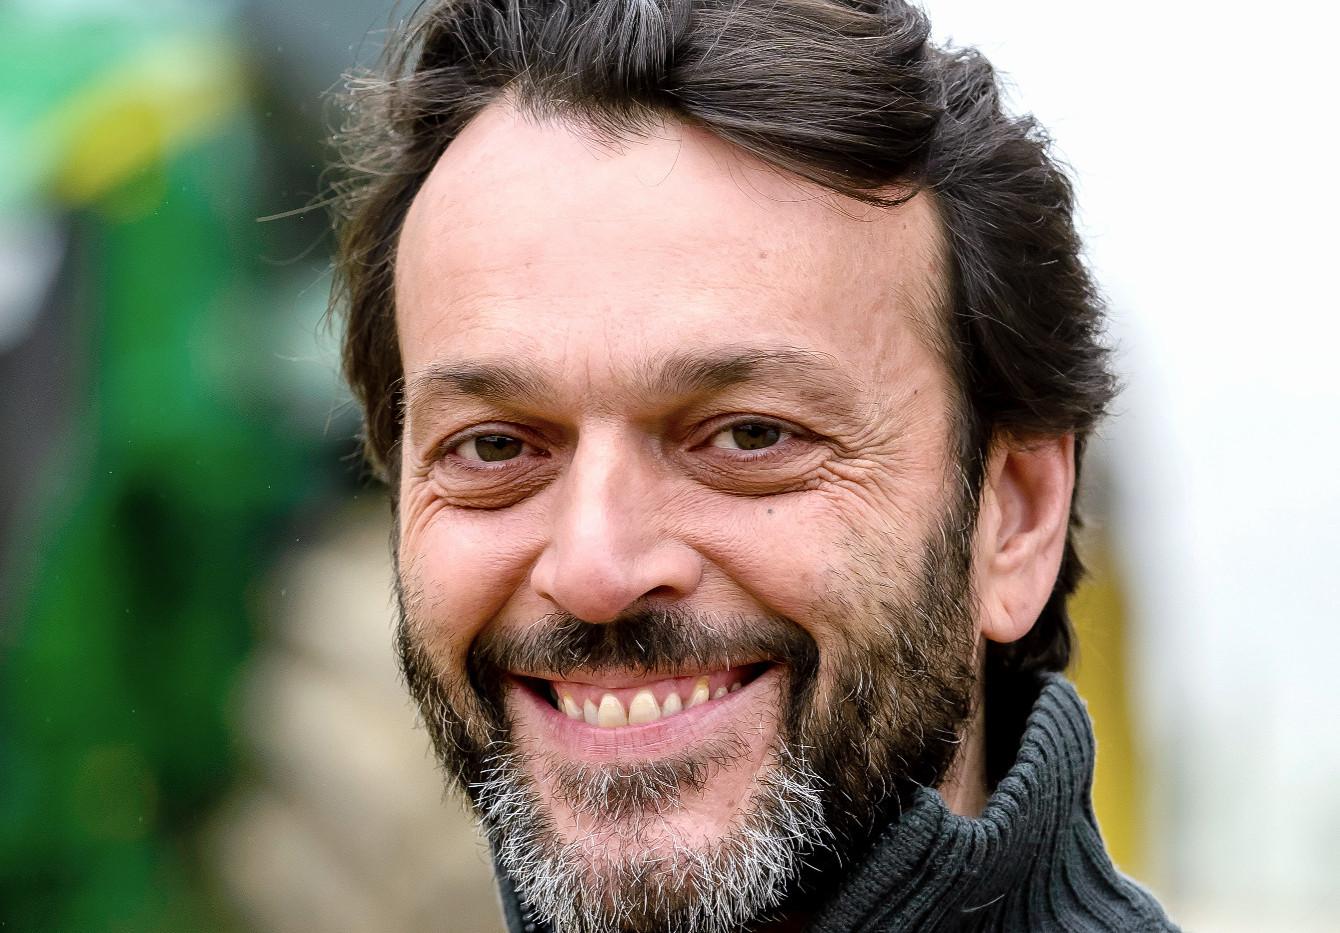 George Grisbi